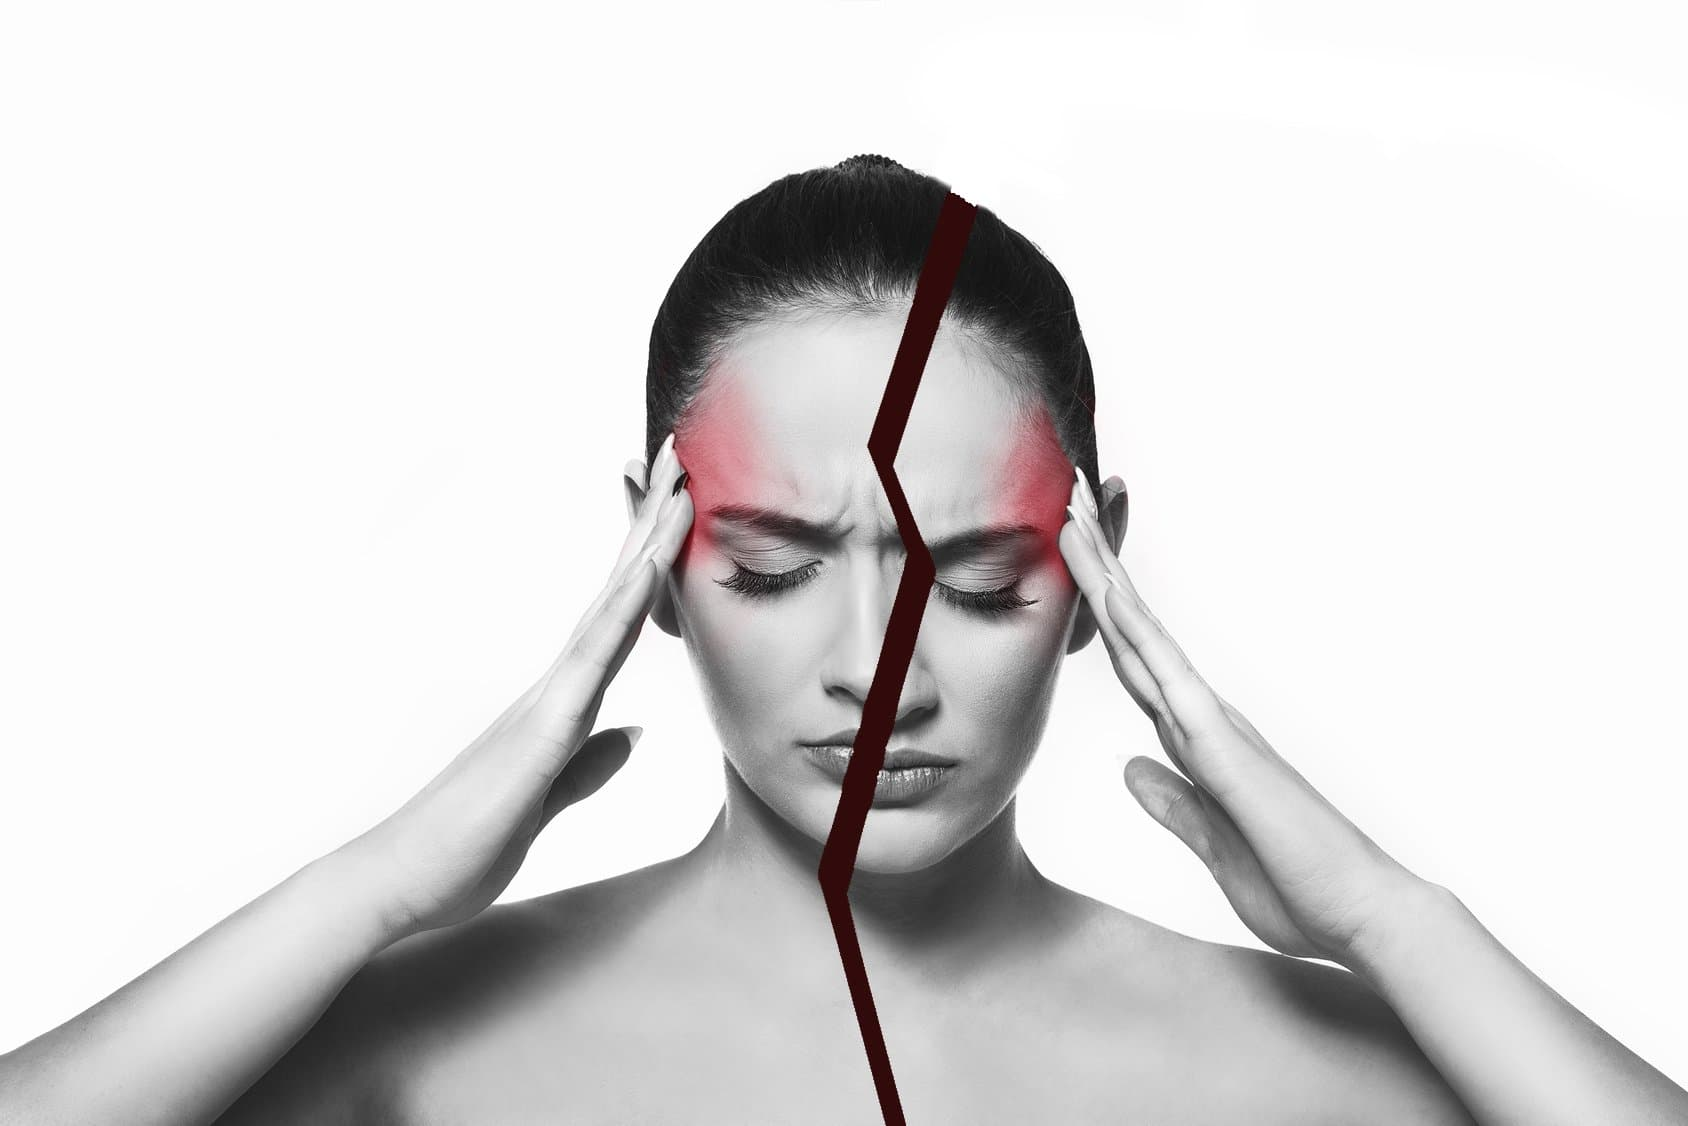 Мигрень, связанная с менструальным циклом, узнайте причины